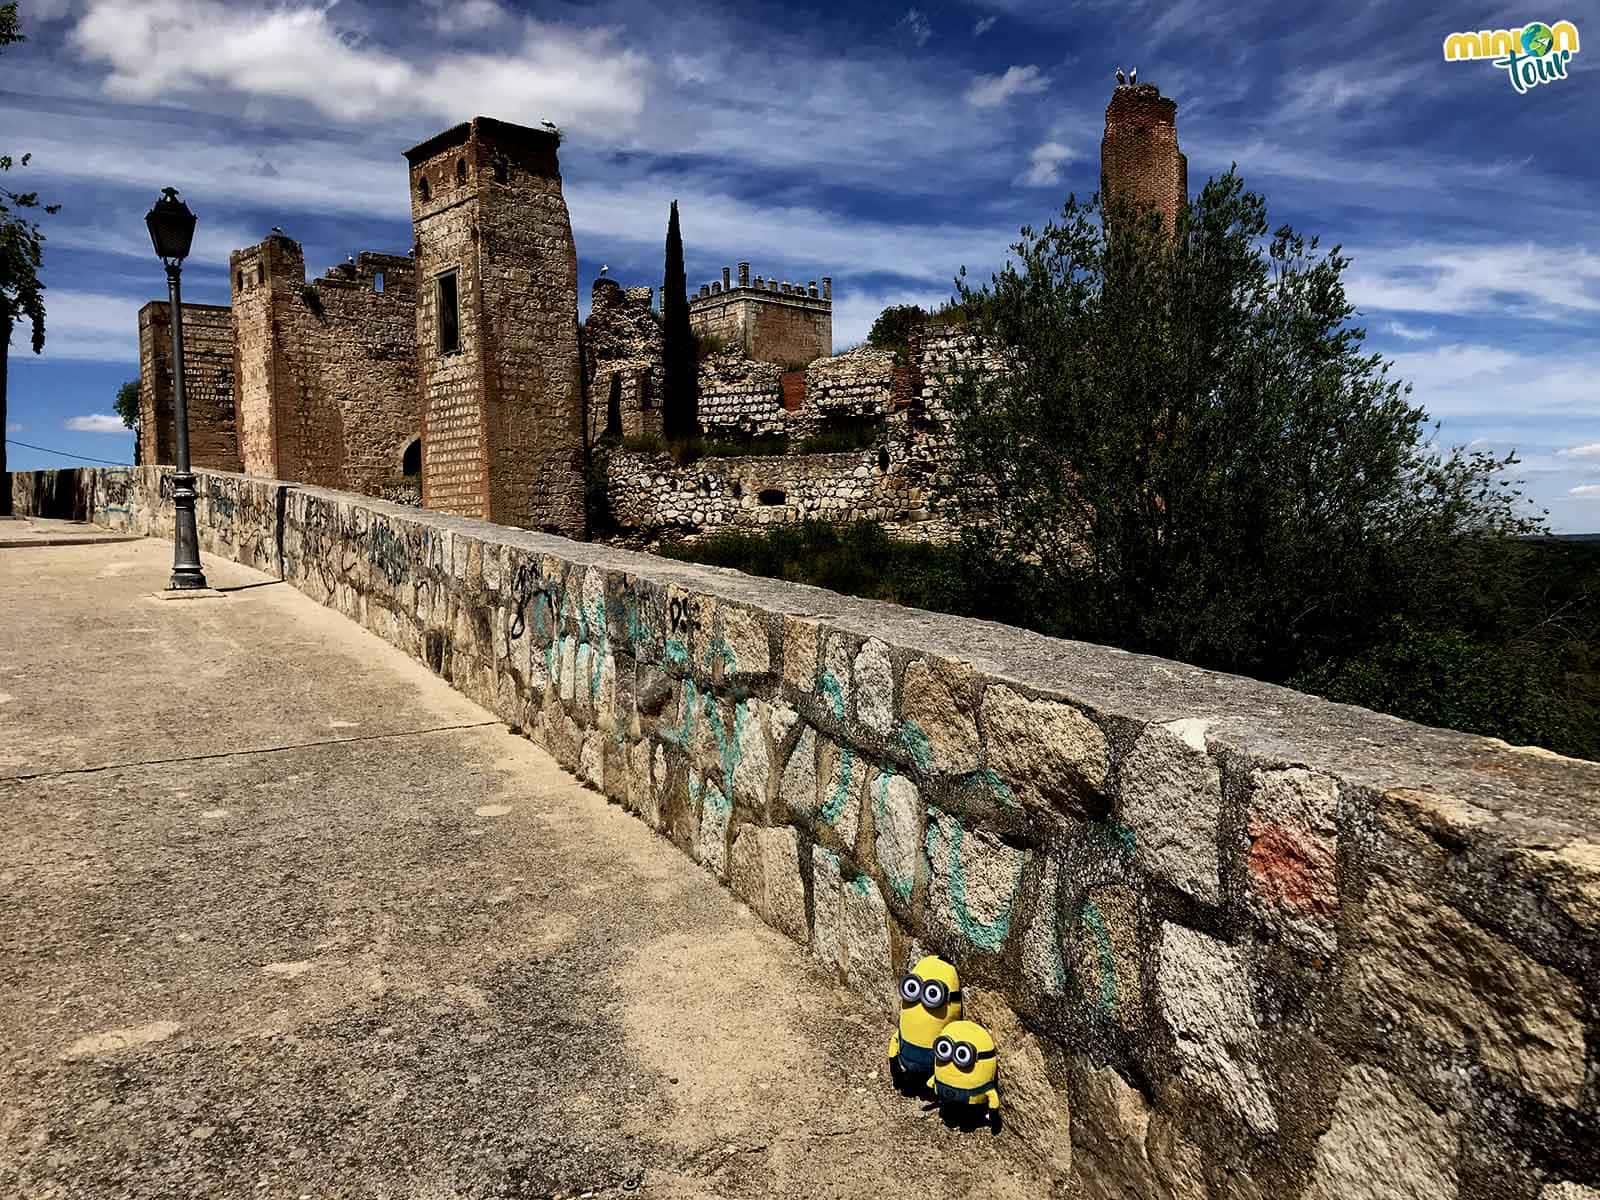 Qué ver en Escalona, Toledo